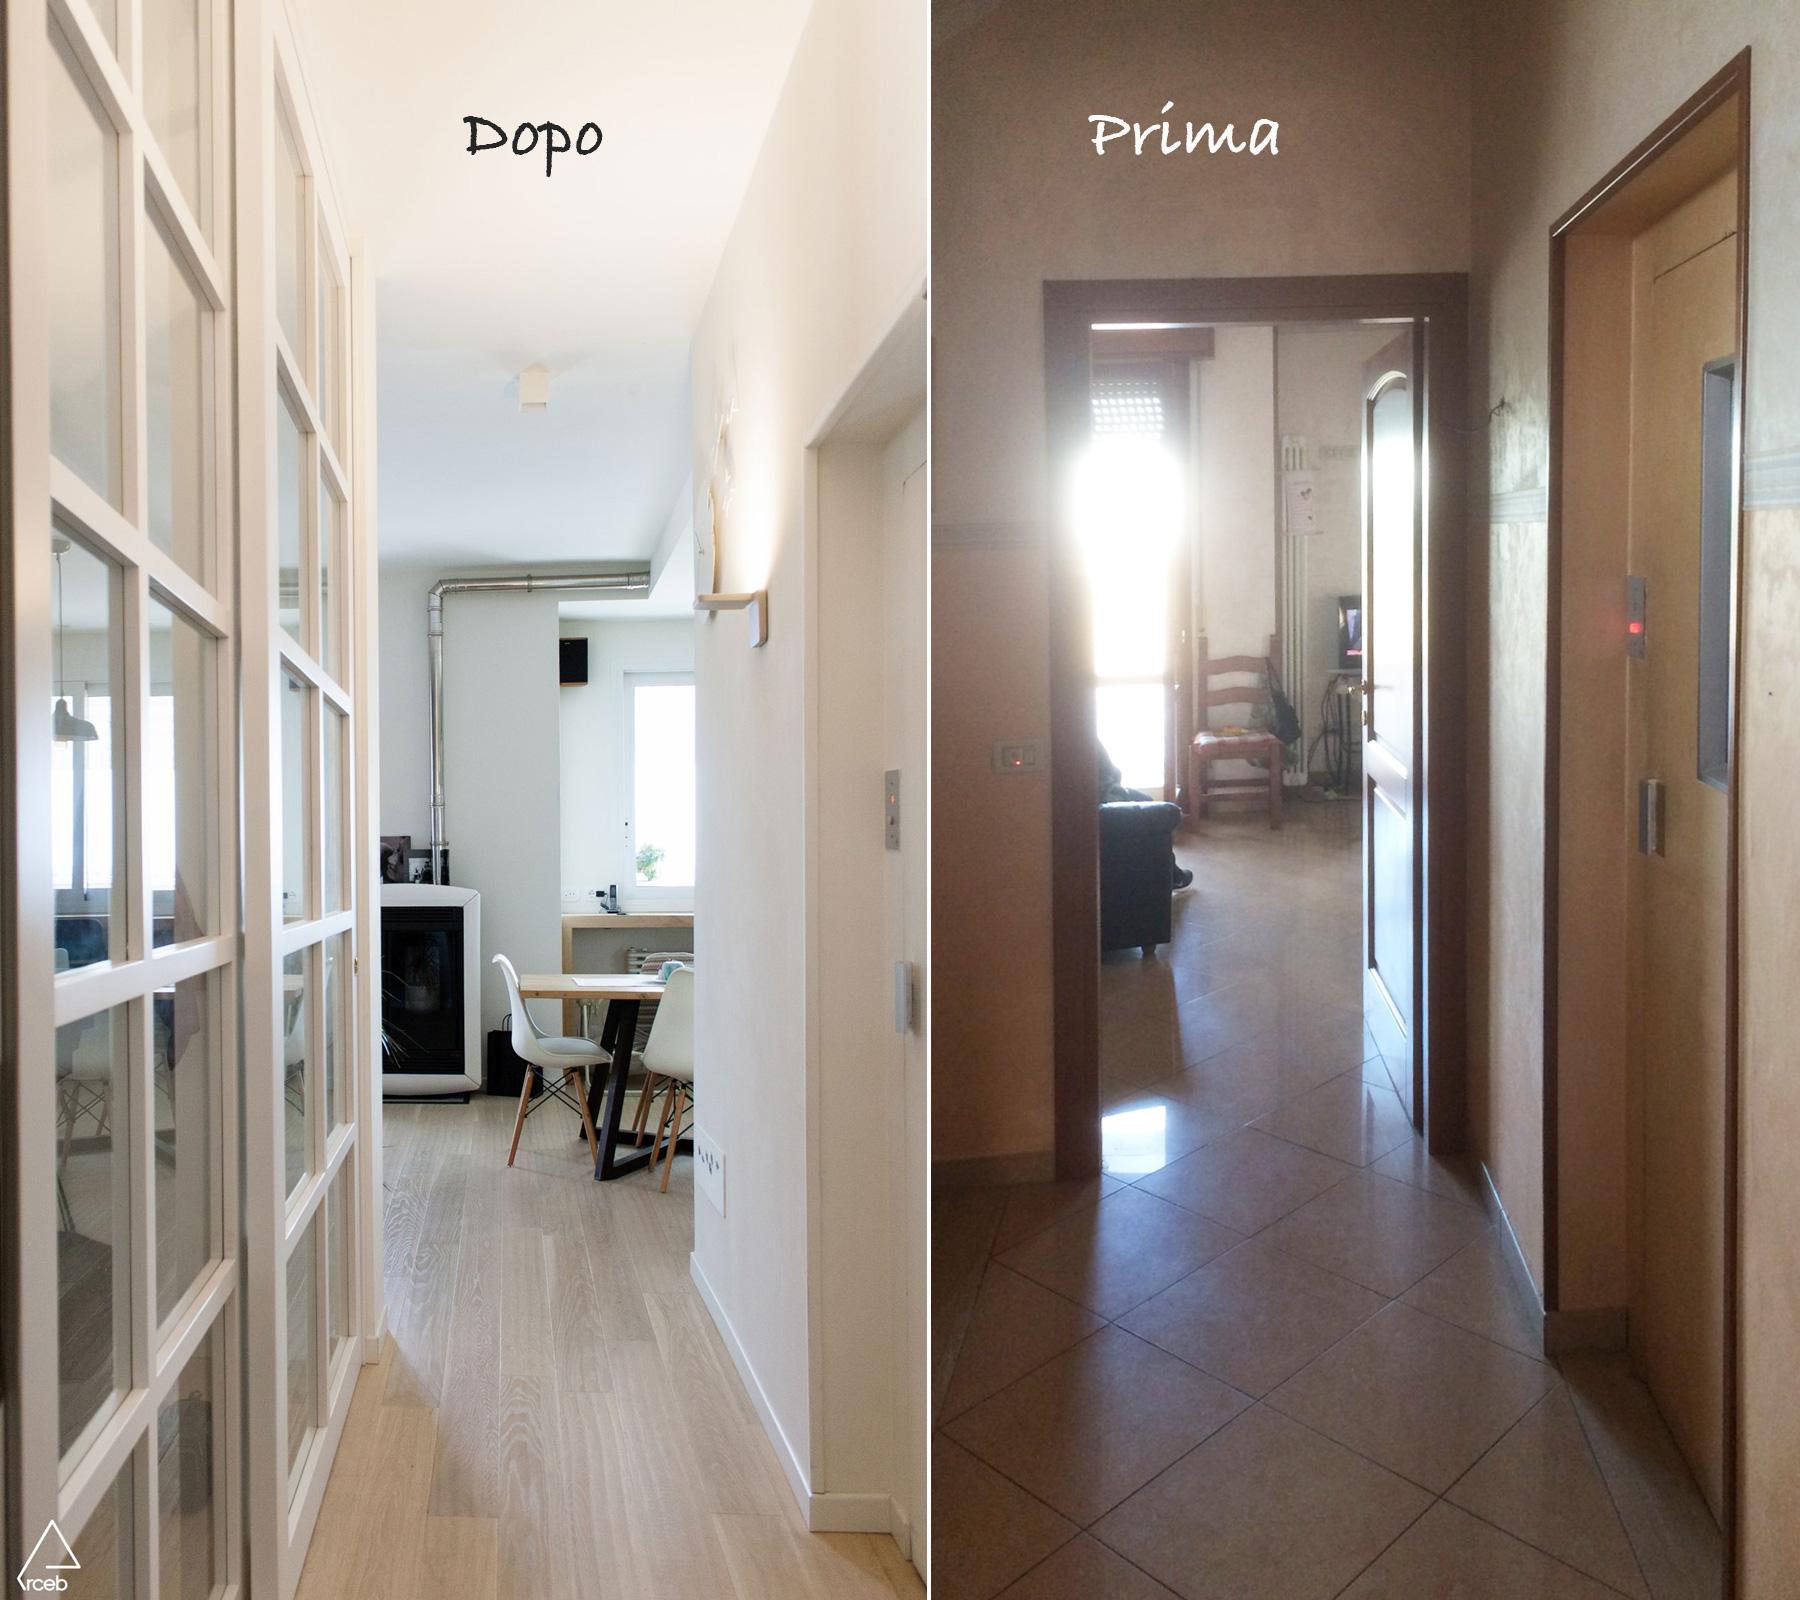 Un appartamento anni 70 rinnovato: prima e dopo!